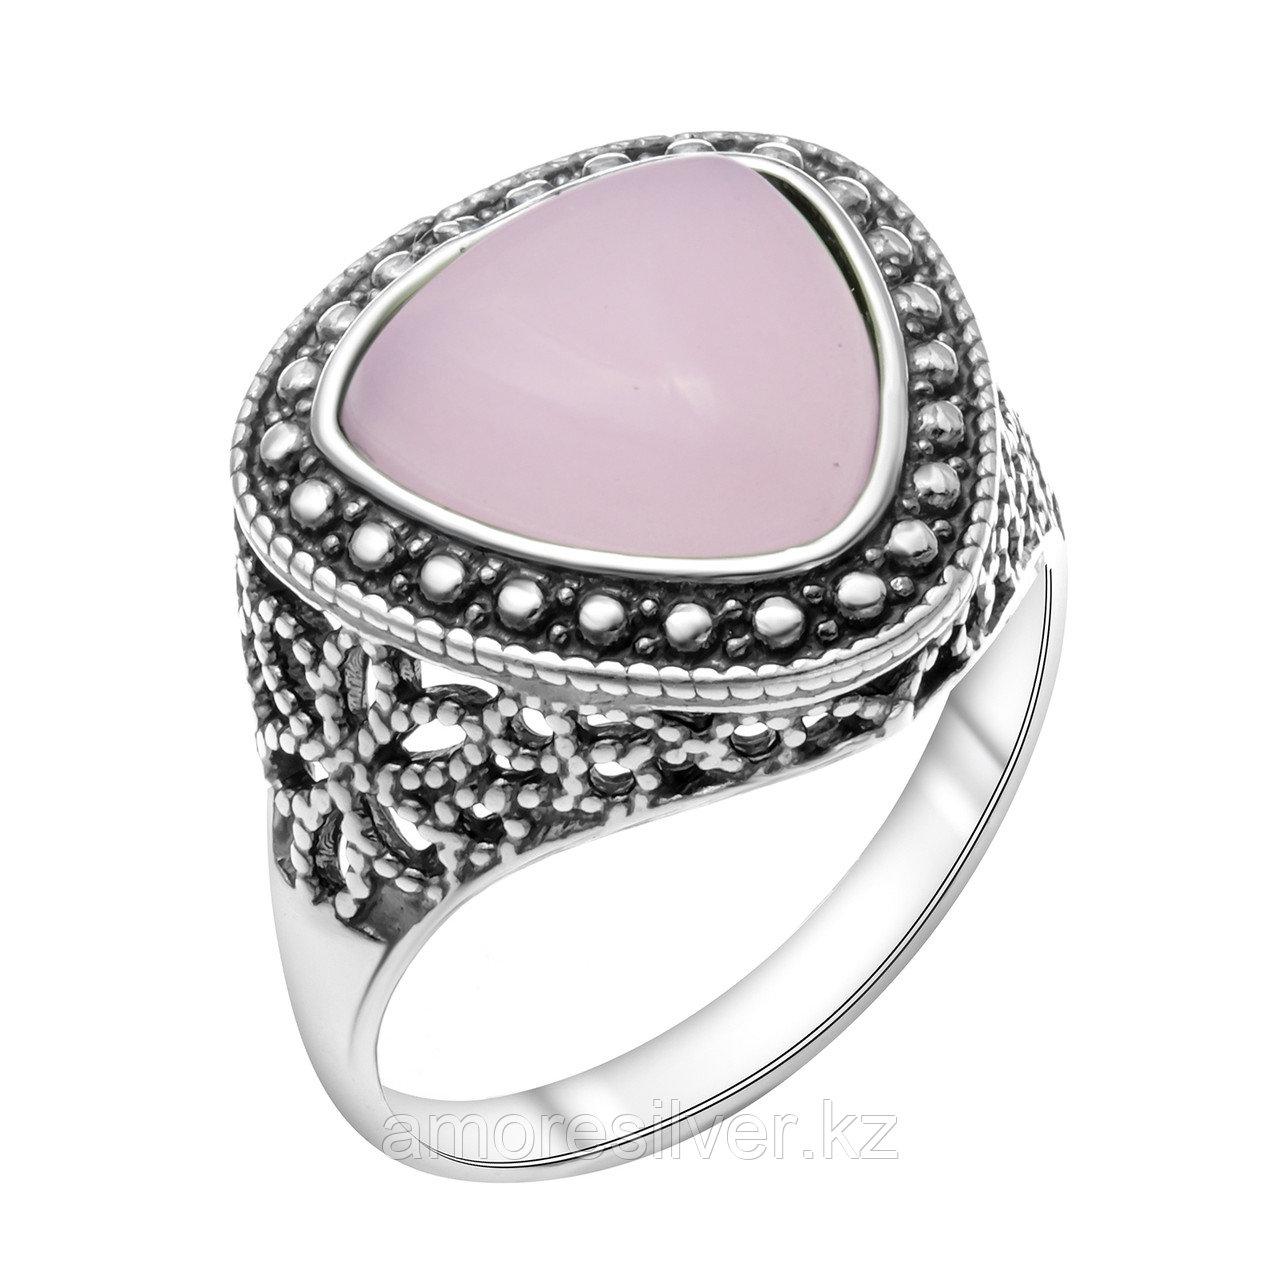 Кольцо Красная Пресня , кварц розовый, , треугольник 2339646К